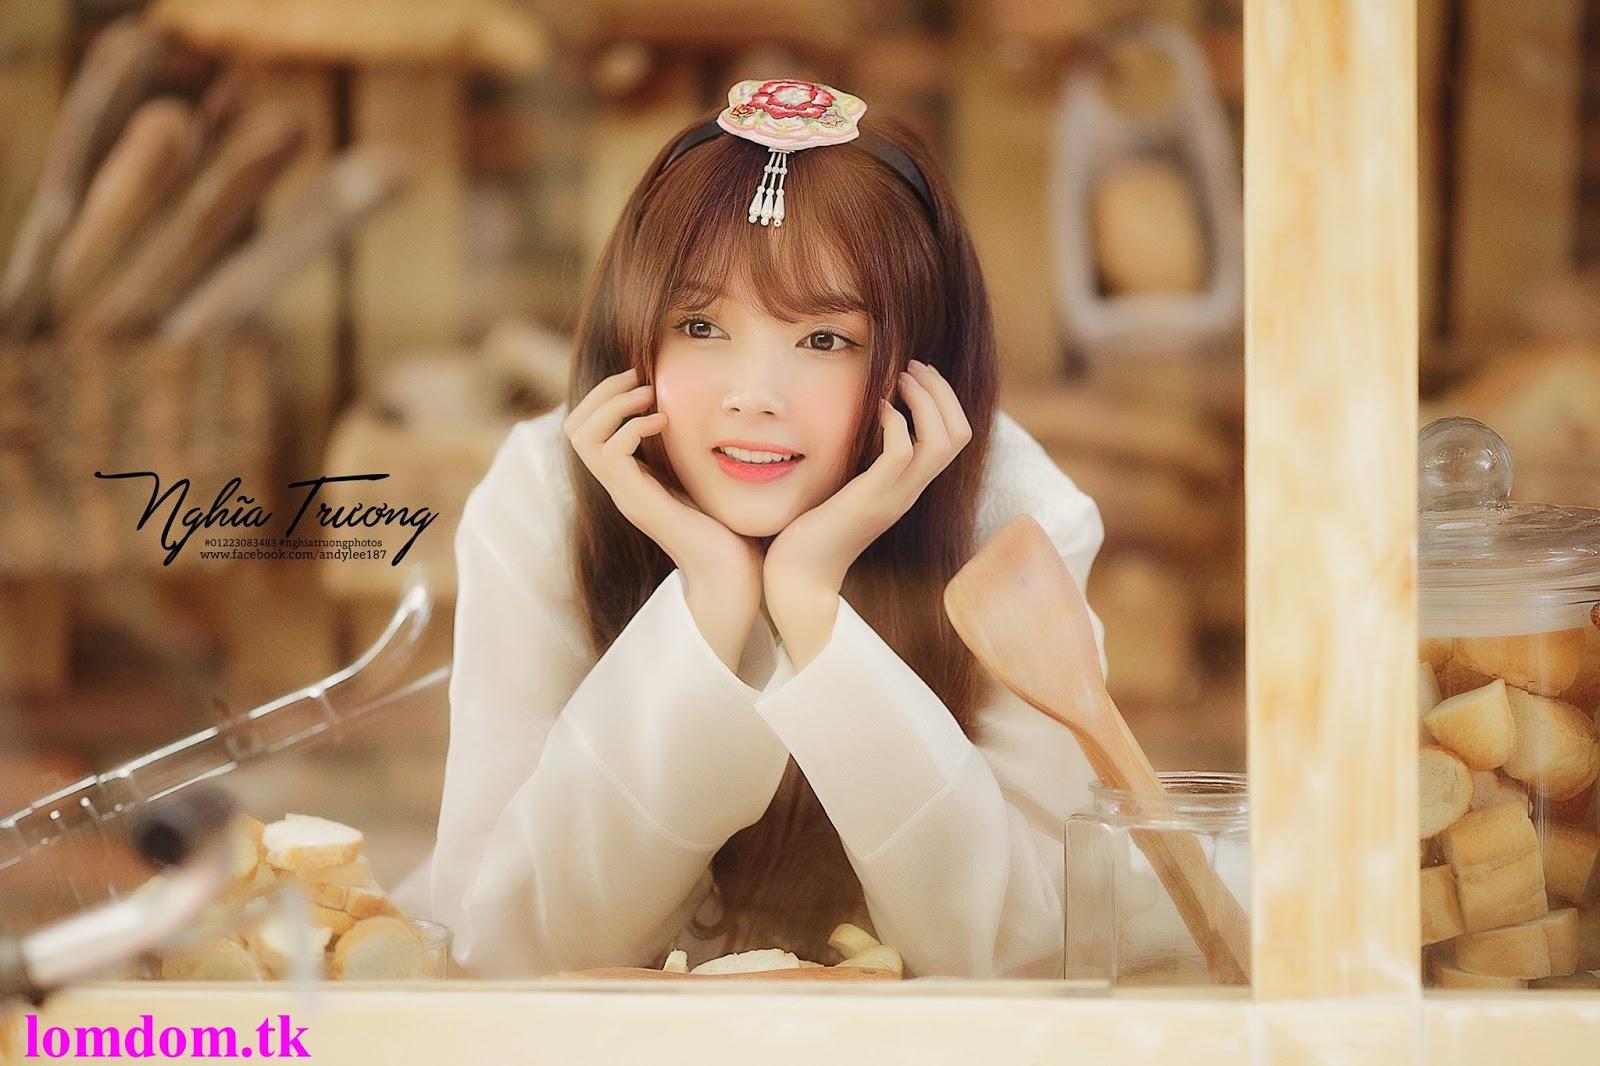 Ngắm Ảnh Hot Girl Lan Hương Xinh Lung Linh Như Thiên Thần Trong Bộ Hanbook Trắng Tinh Khôi